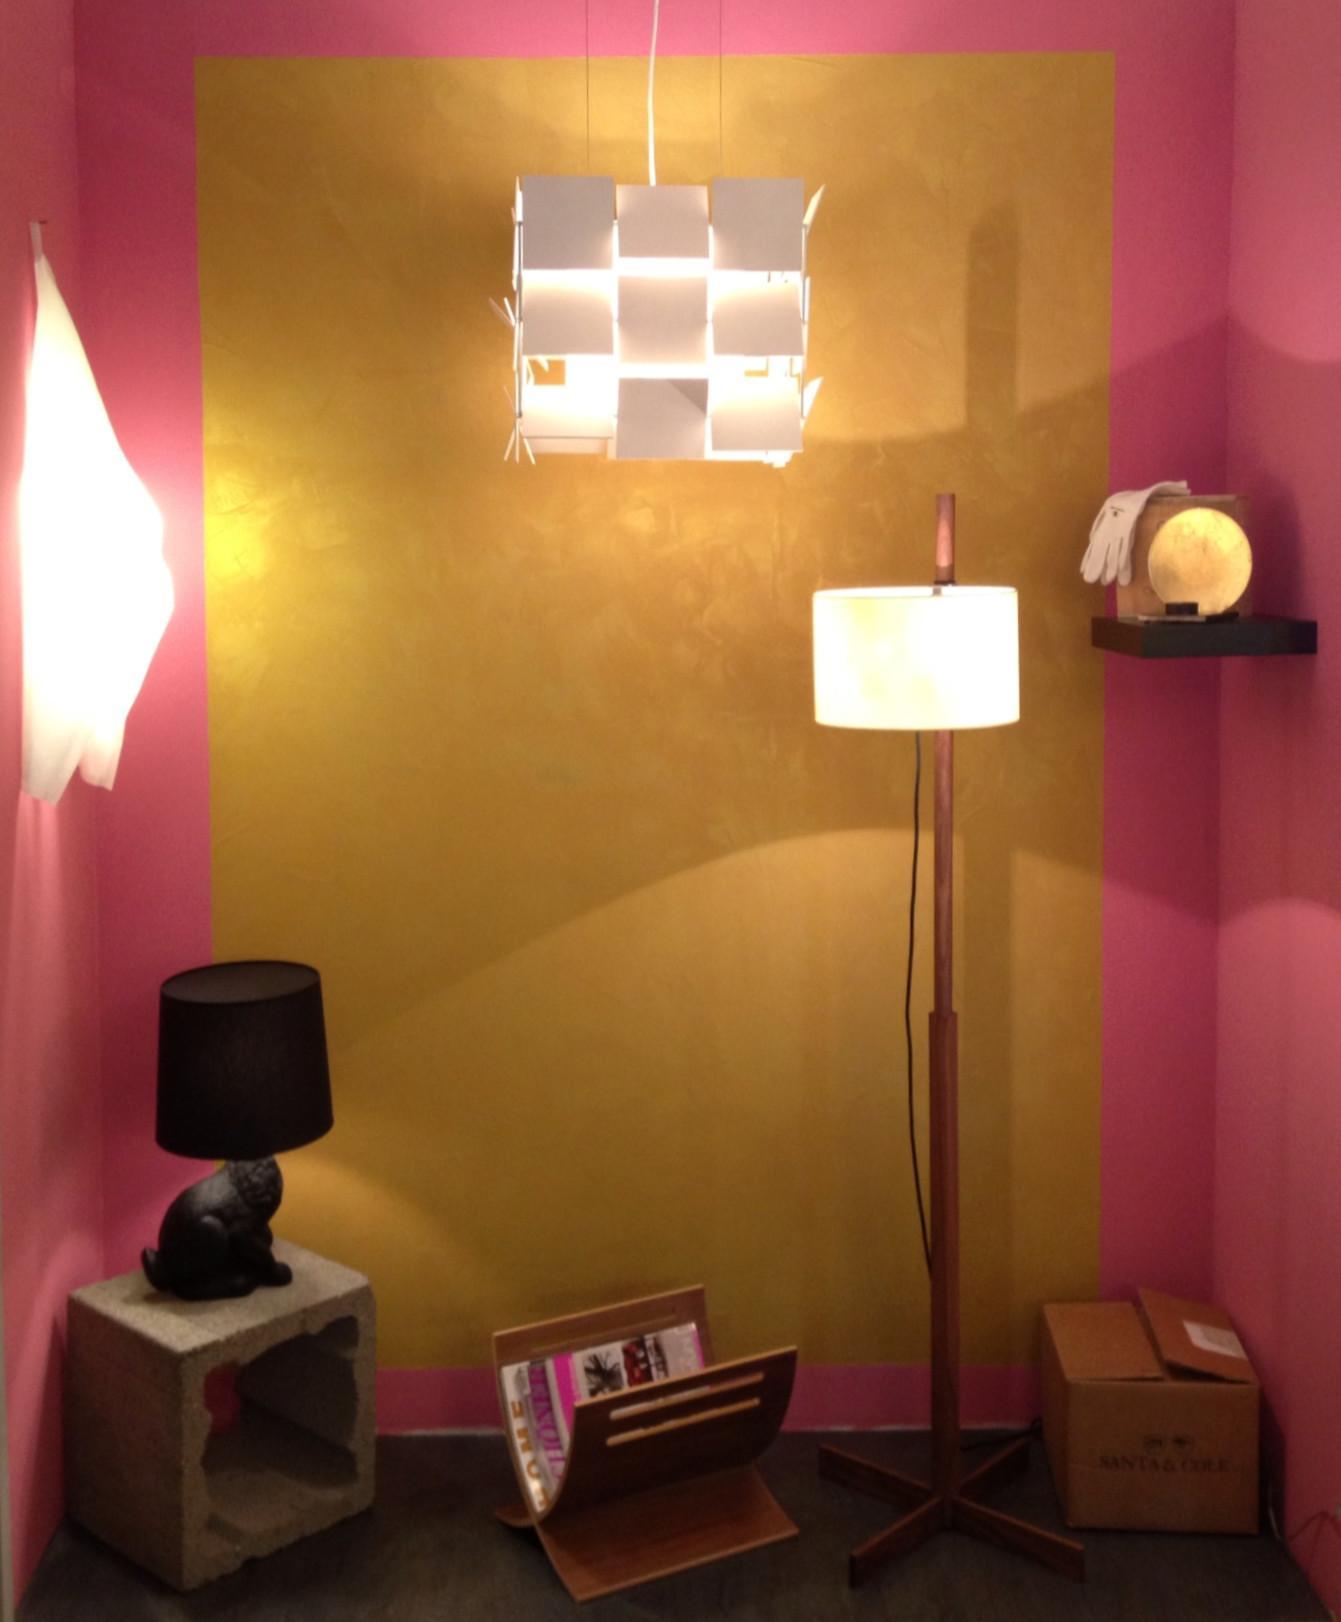 Beleuchtungsideen Im Wohnzimmer Stehlampe Beleuchtung Esszimmerdeko Clights4life GmbH Co